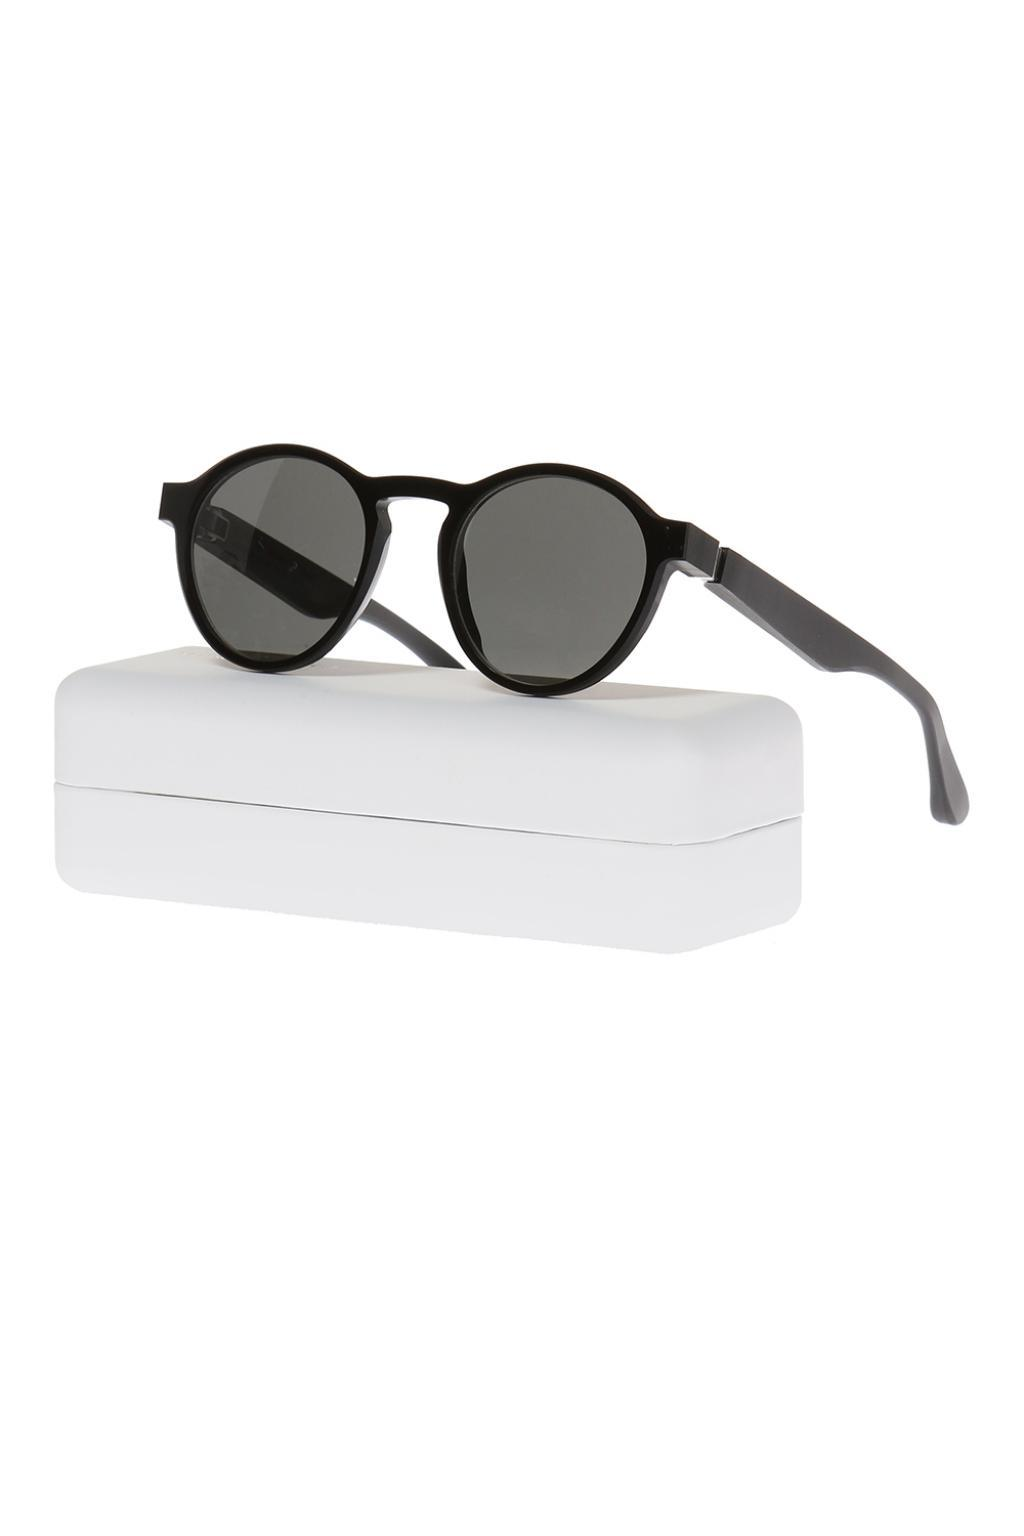 Mykita 'mmraw002' Sunglasses in Black for Men